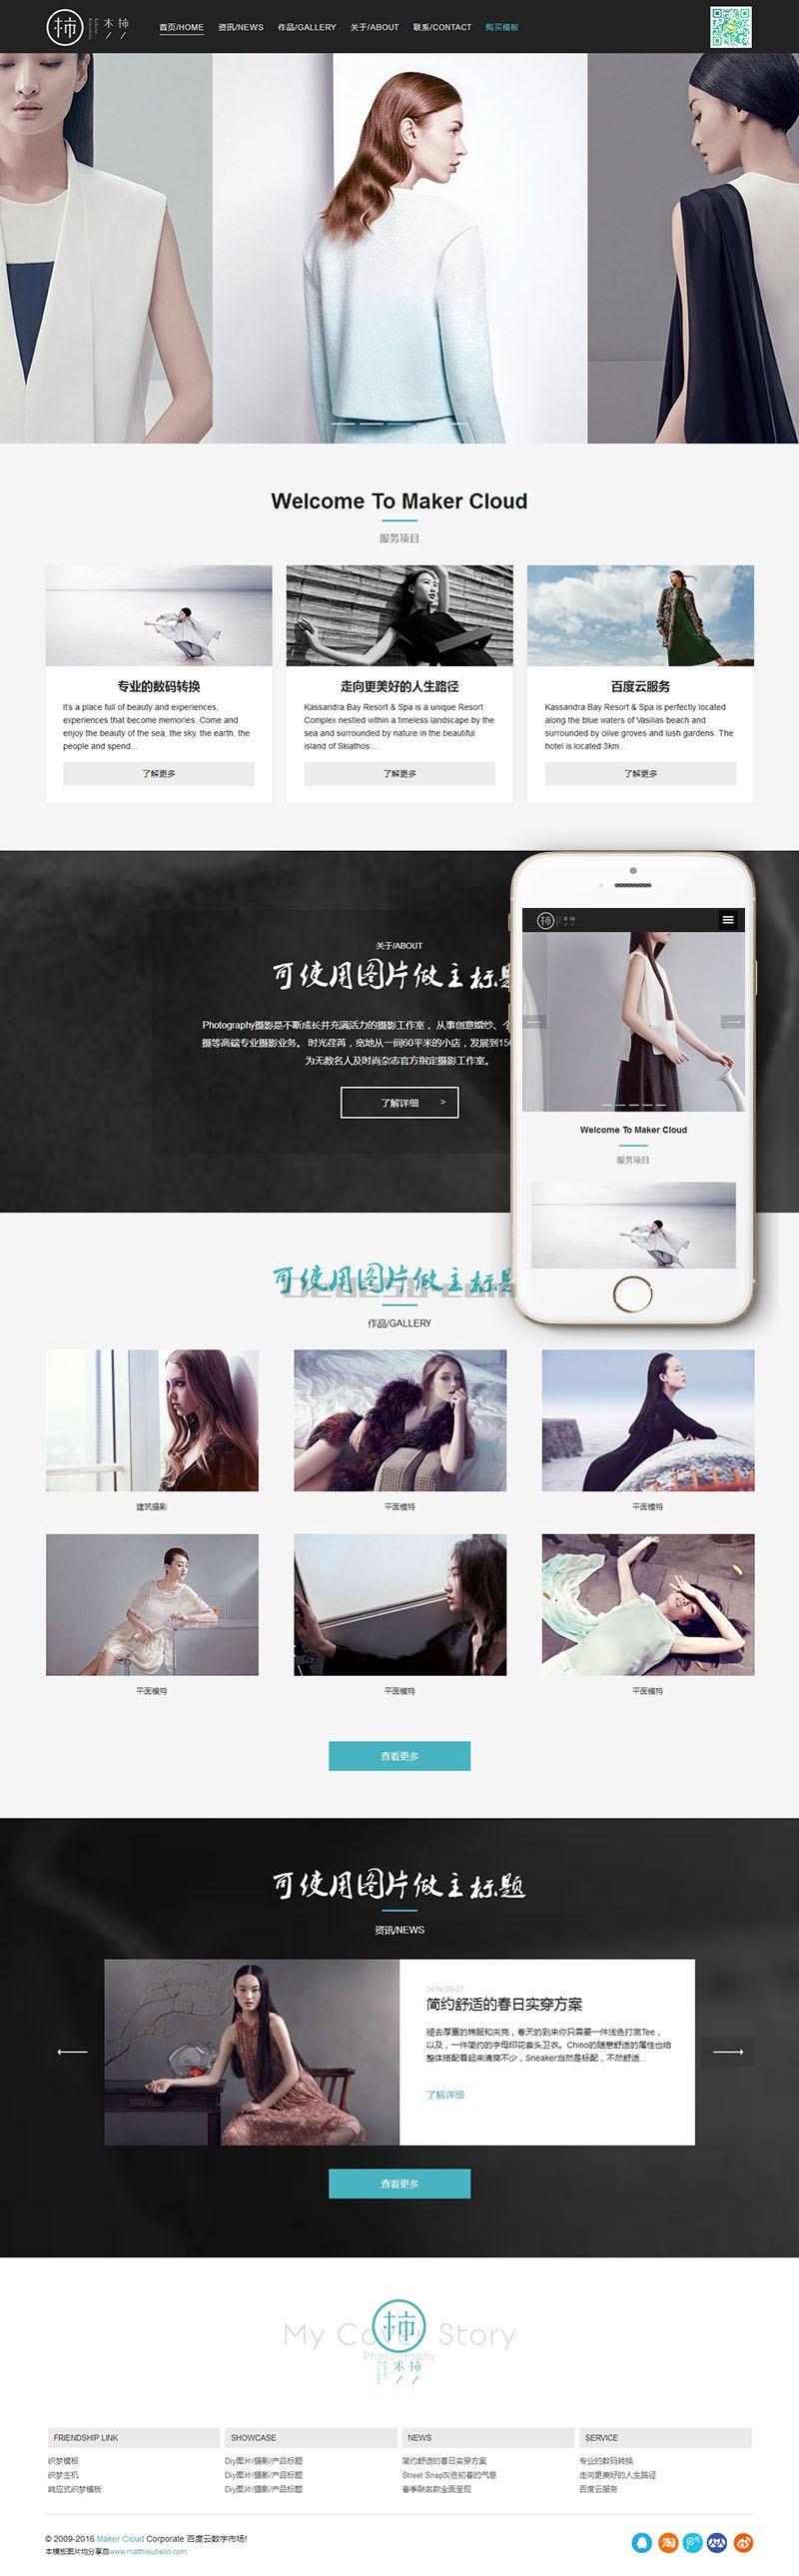 响应式服装广告设计模特艺术展示类织梦模板(自适应手机端)